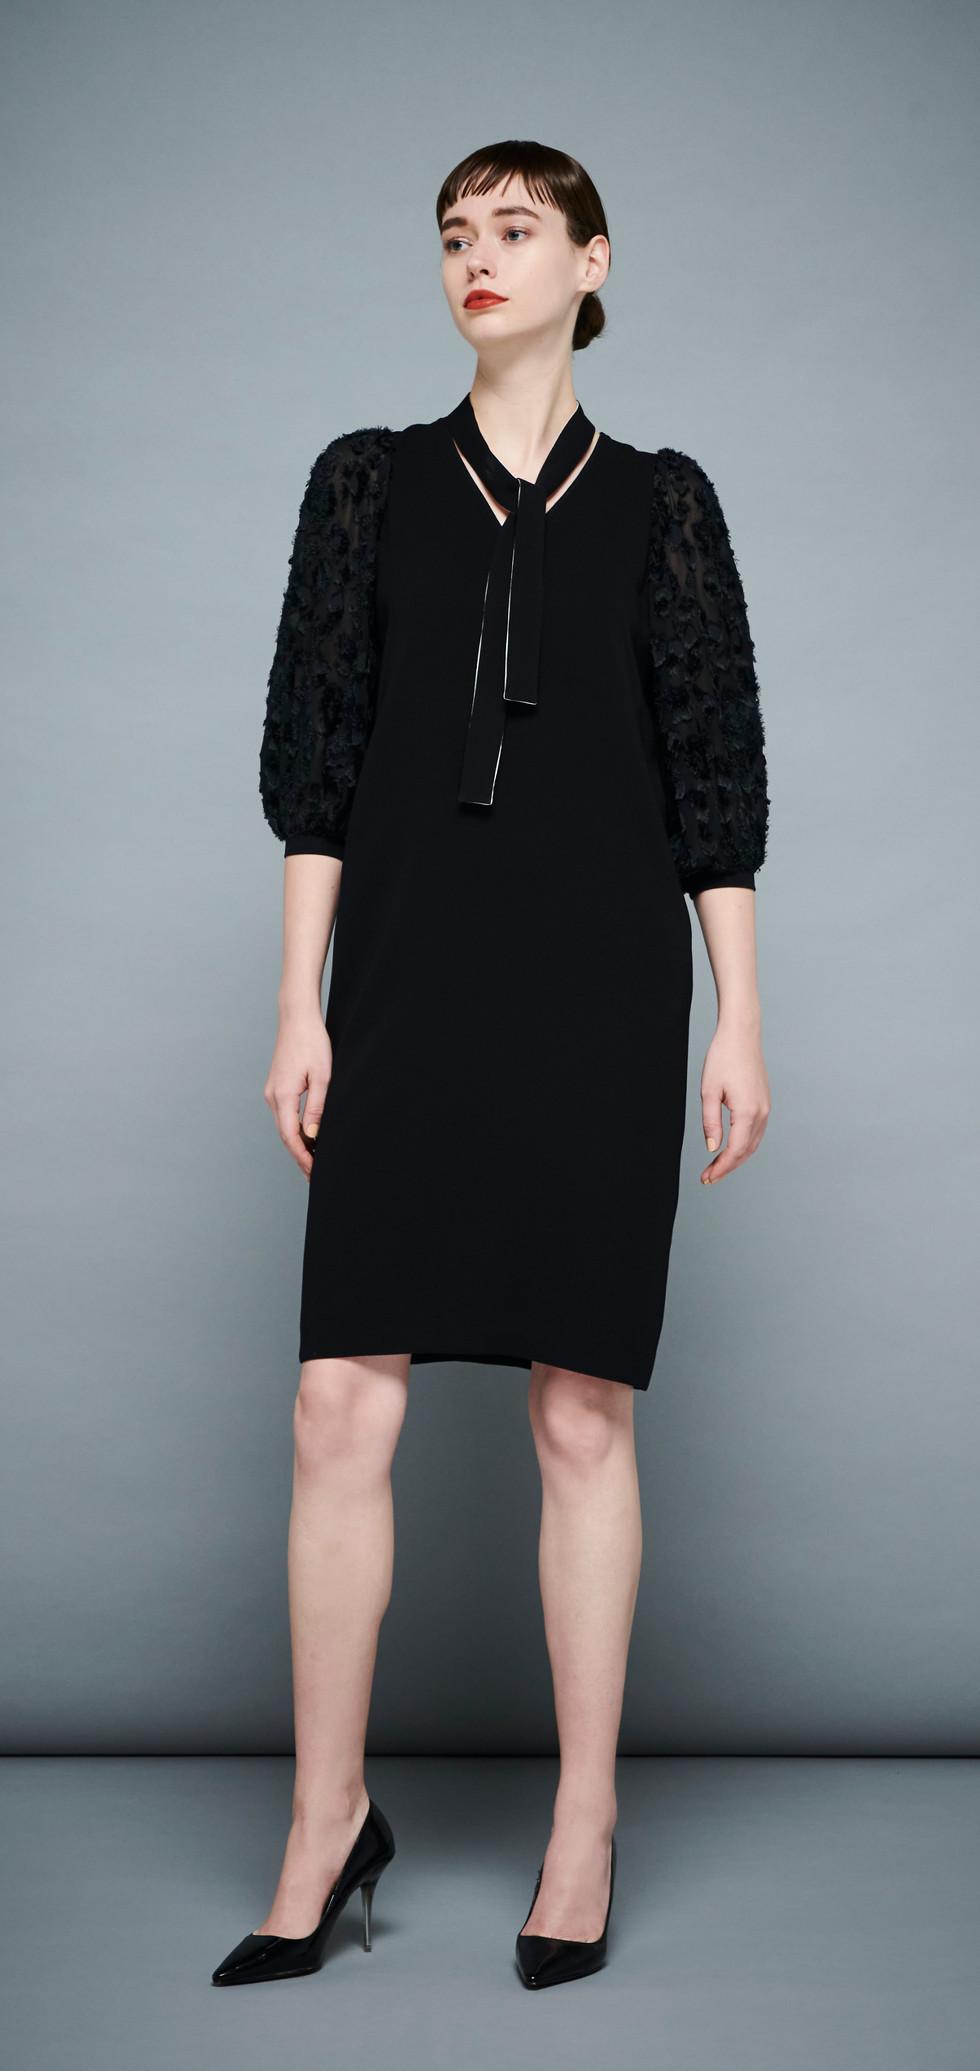 dress BR8O-174-1647